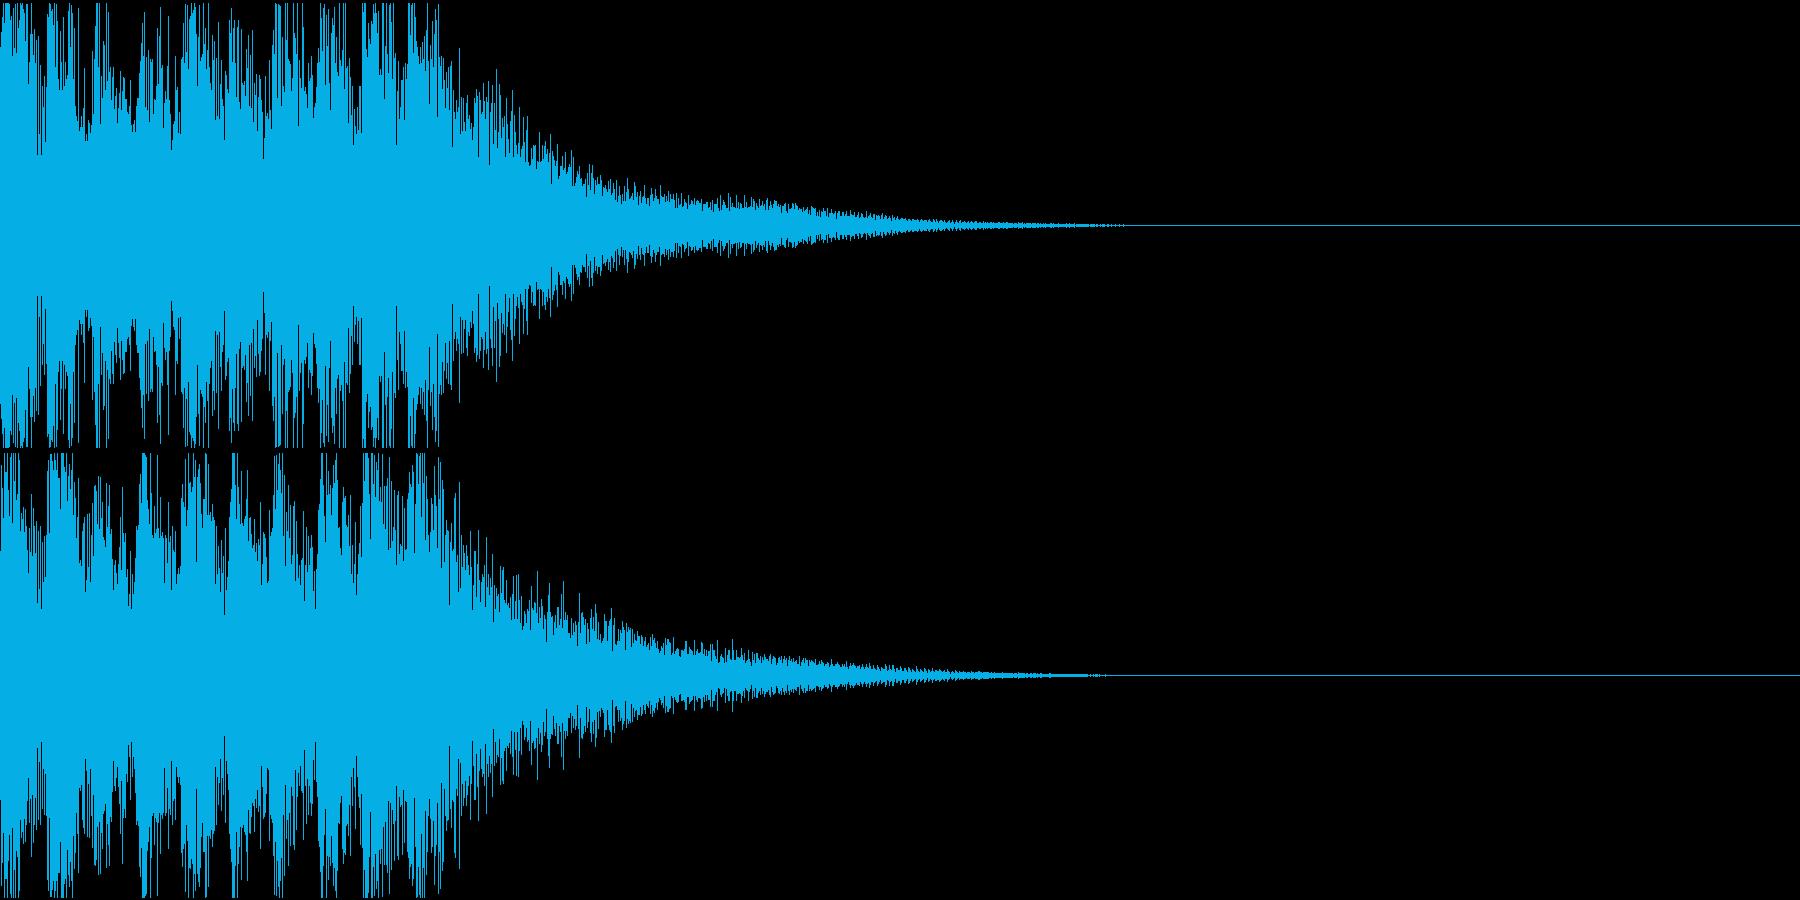 和楽器による和風なジングルの再生済みの波形